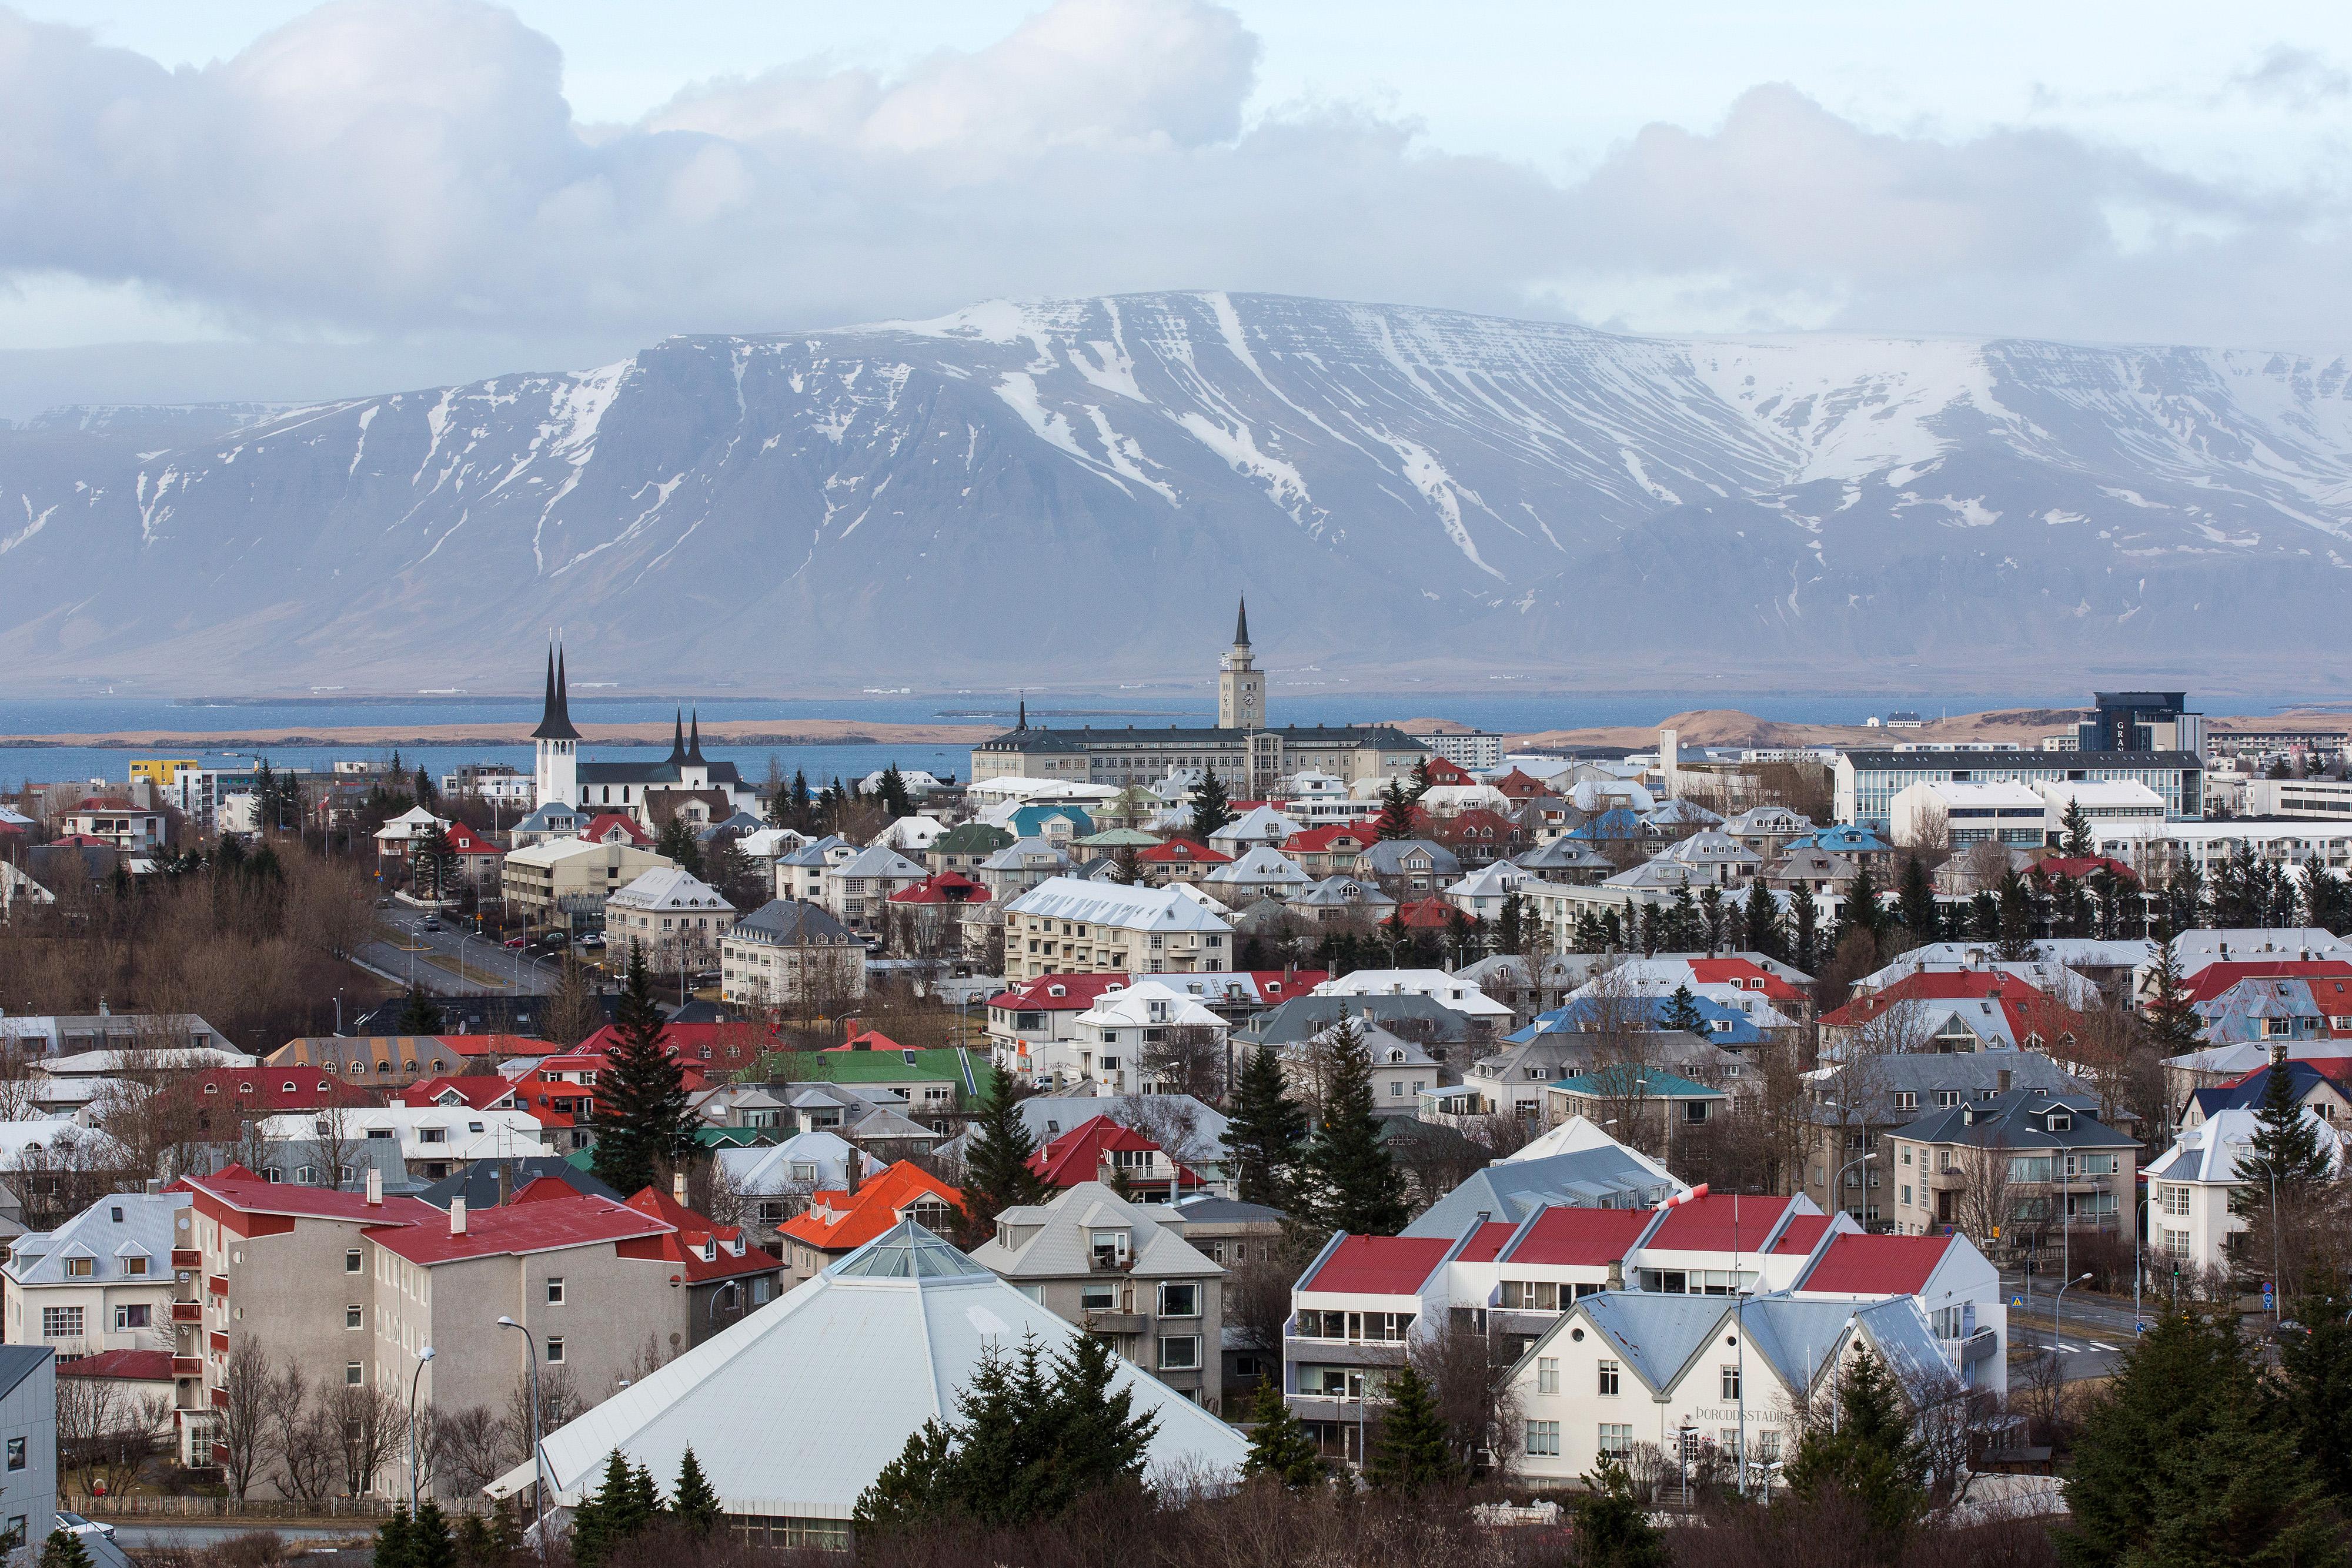 The city skyline of Reykjavik, Iceland, on April 7, 2016. (Arnaldur Halldorsson / Bloomberg)